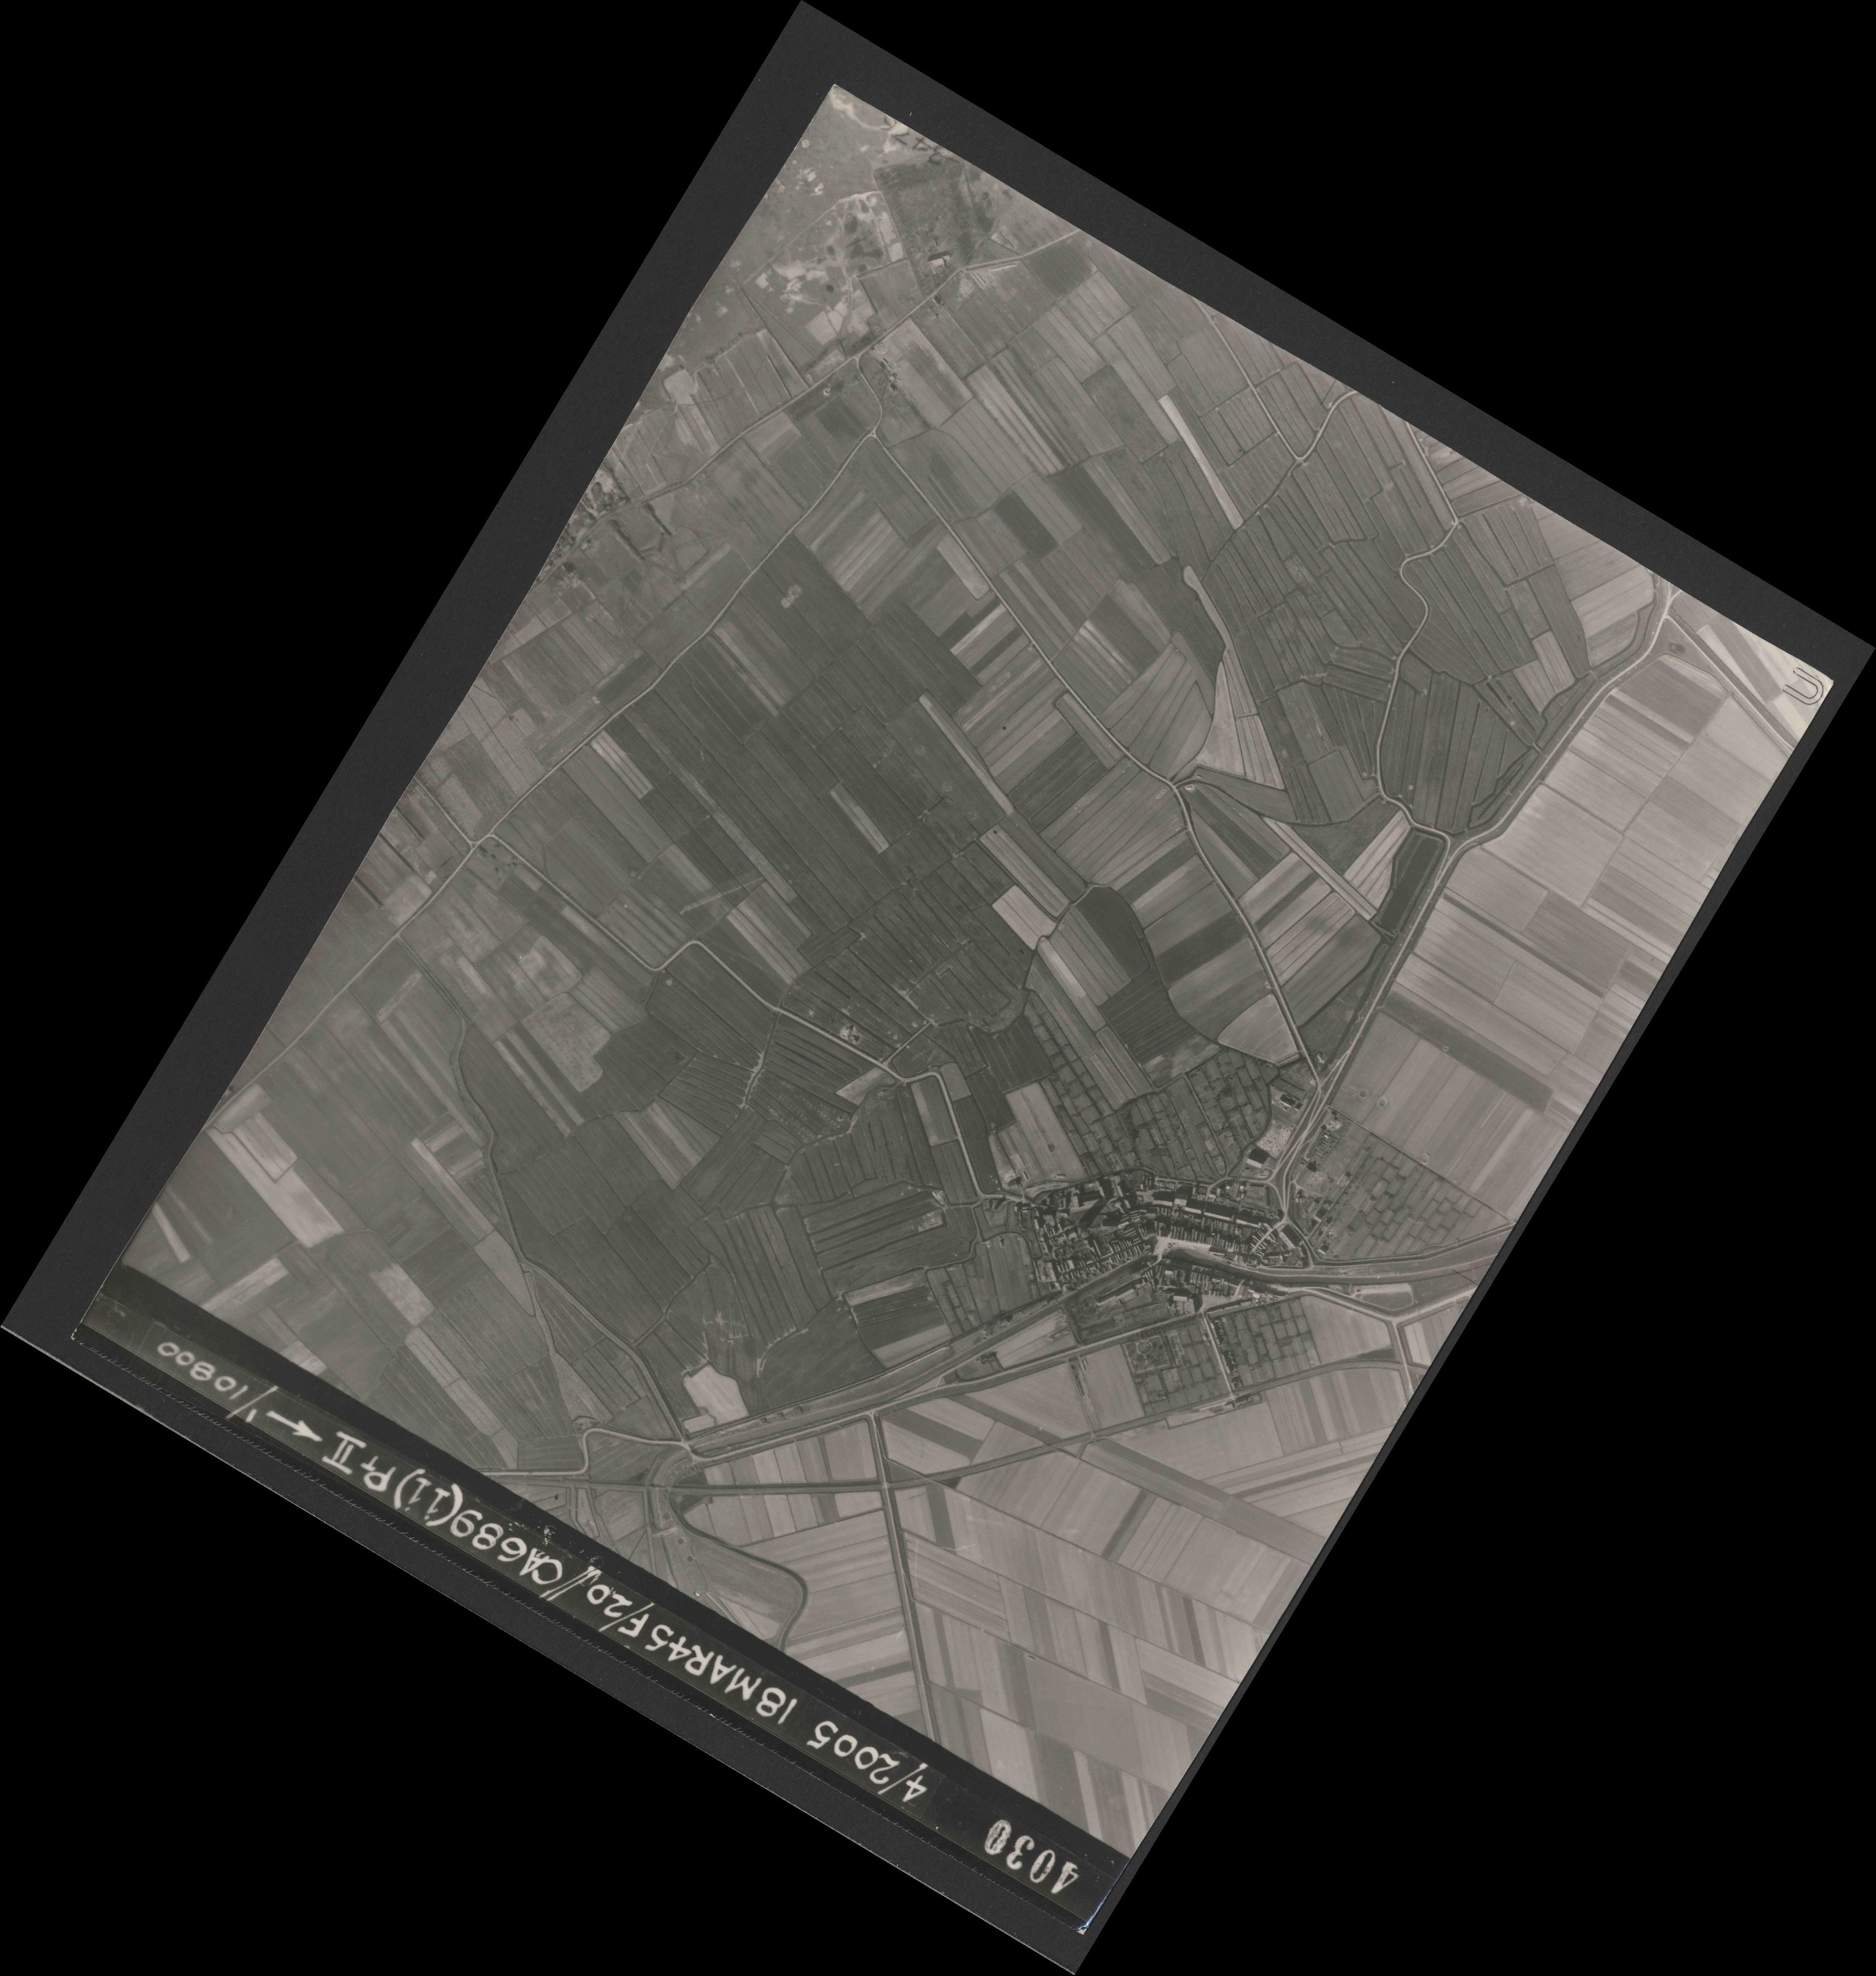 Collection RAF aerial photos 1940-1945 - flight 080, run 06, photo 4030